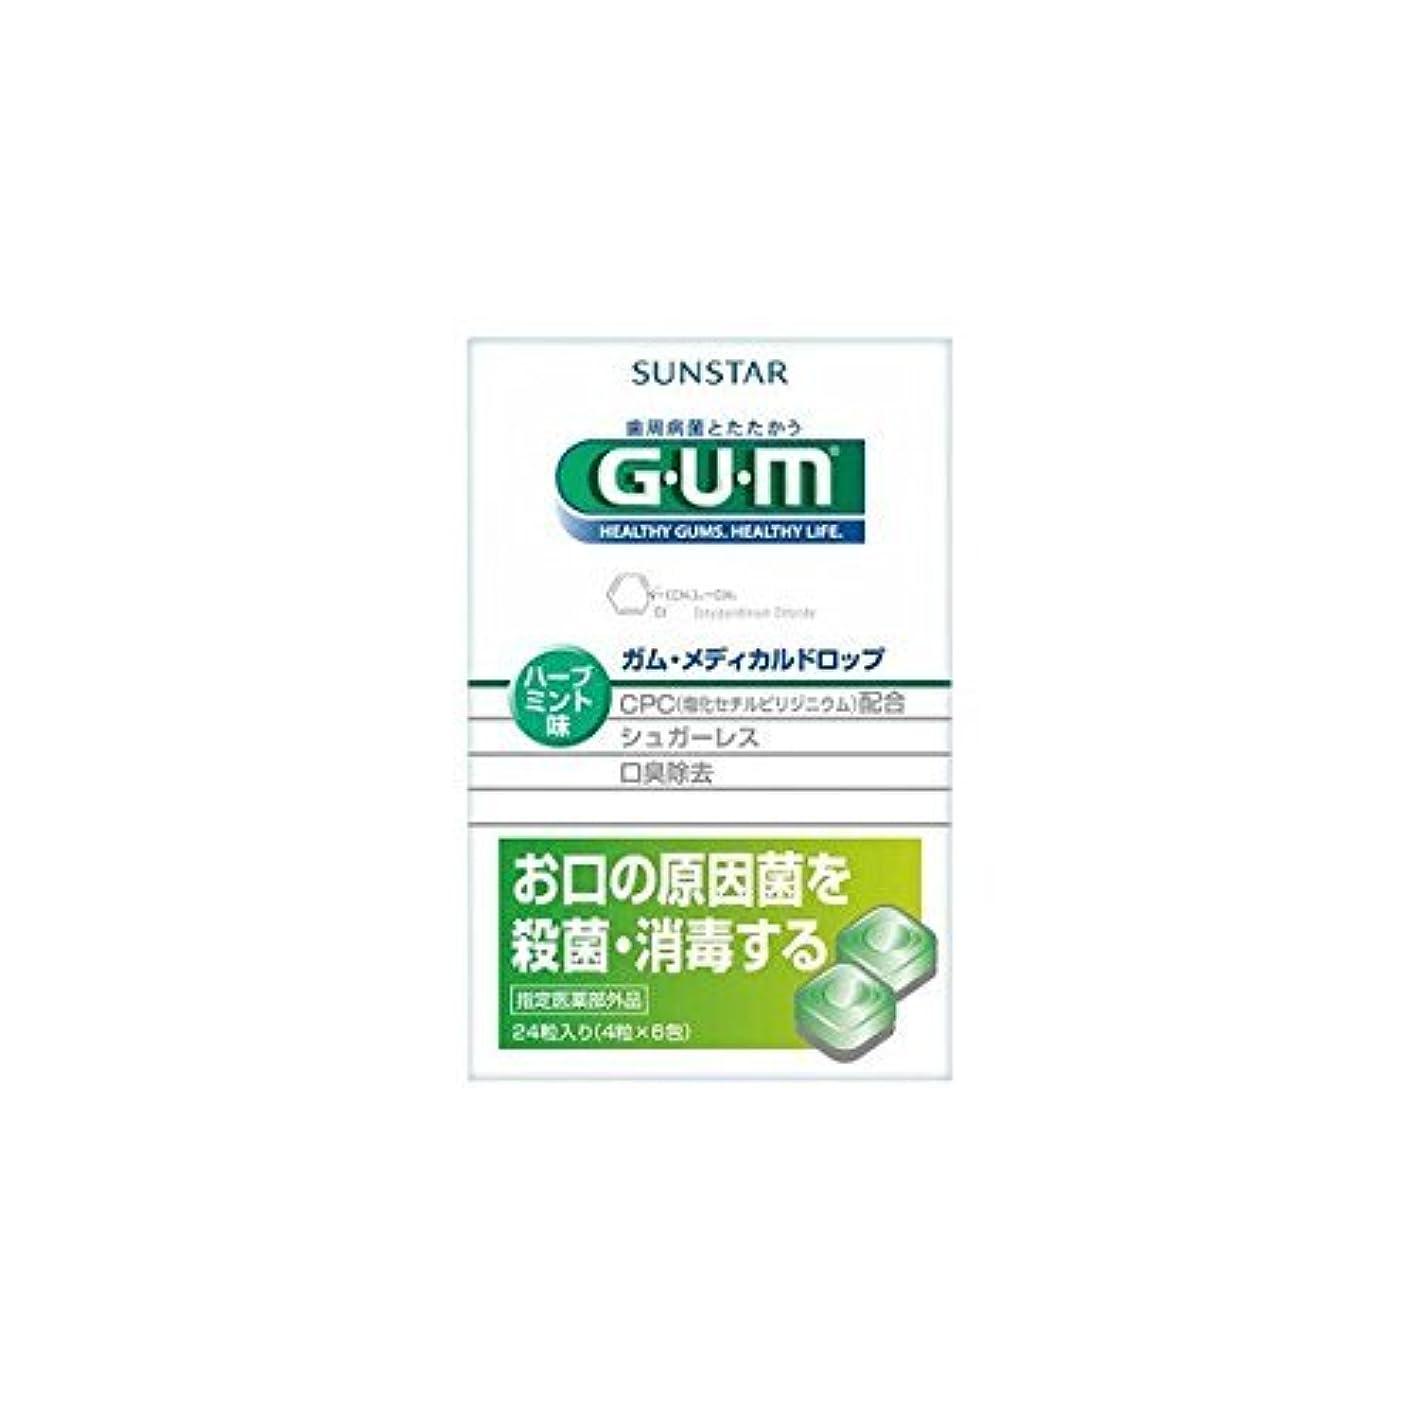 【5個セット】 GUM(ガム) メディカルドロップ ハーブミント 24粒